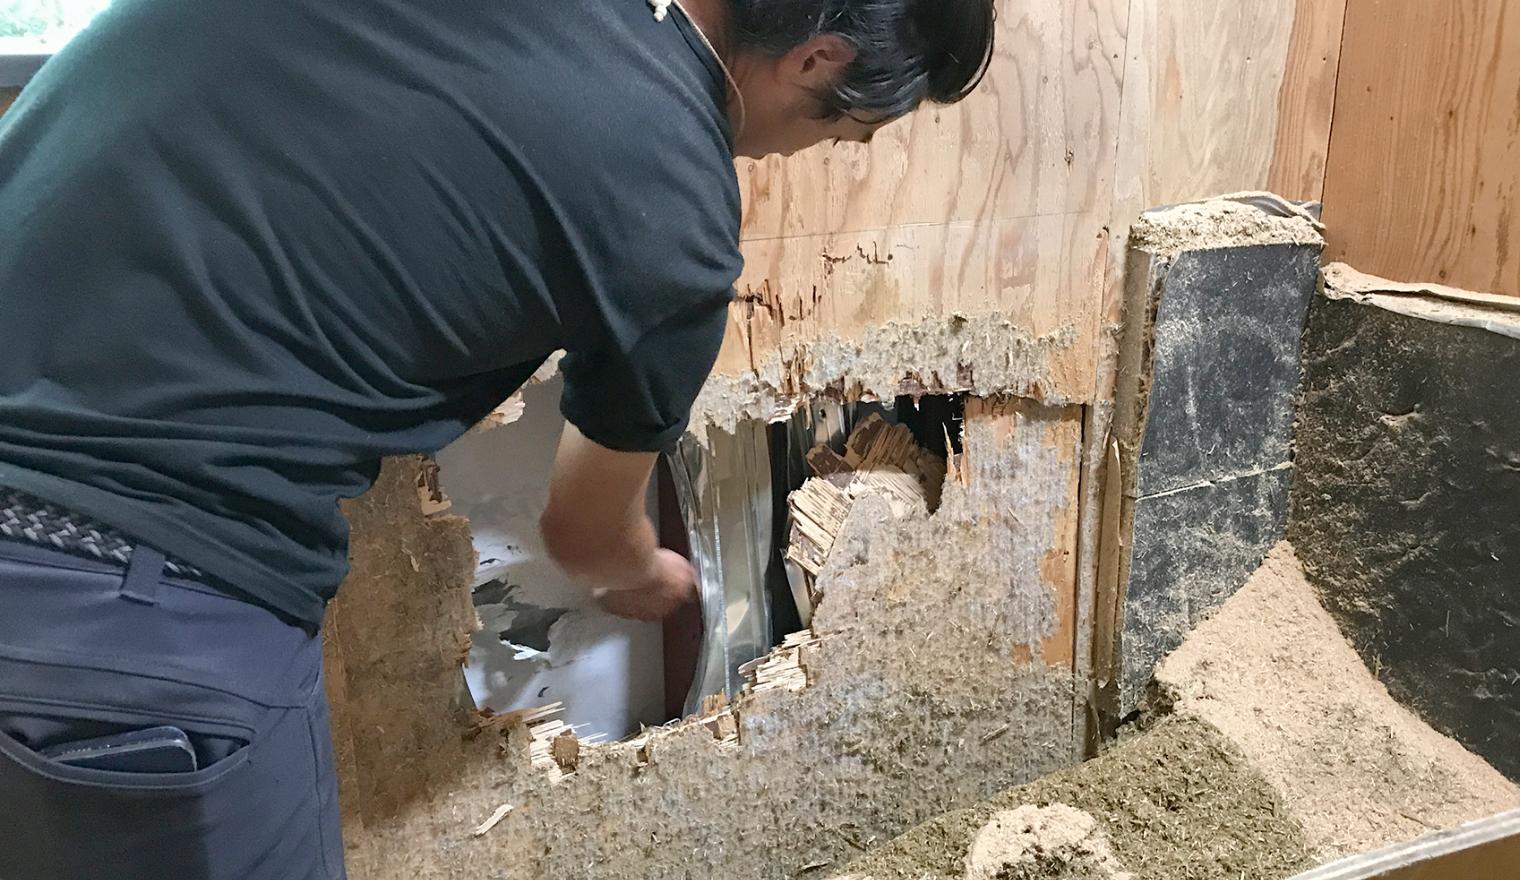 壁に大きな穴が開いている様子